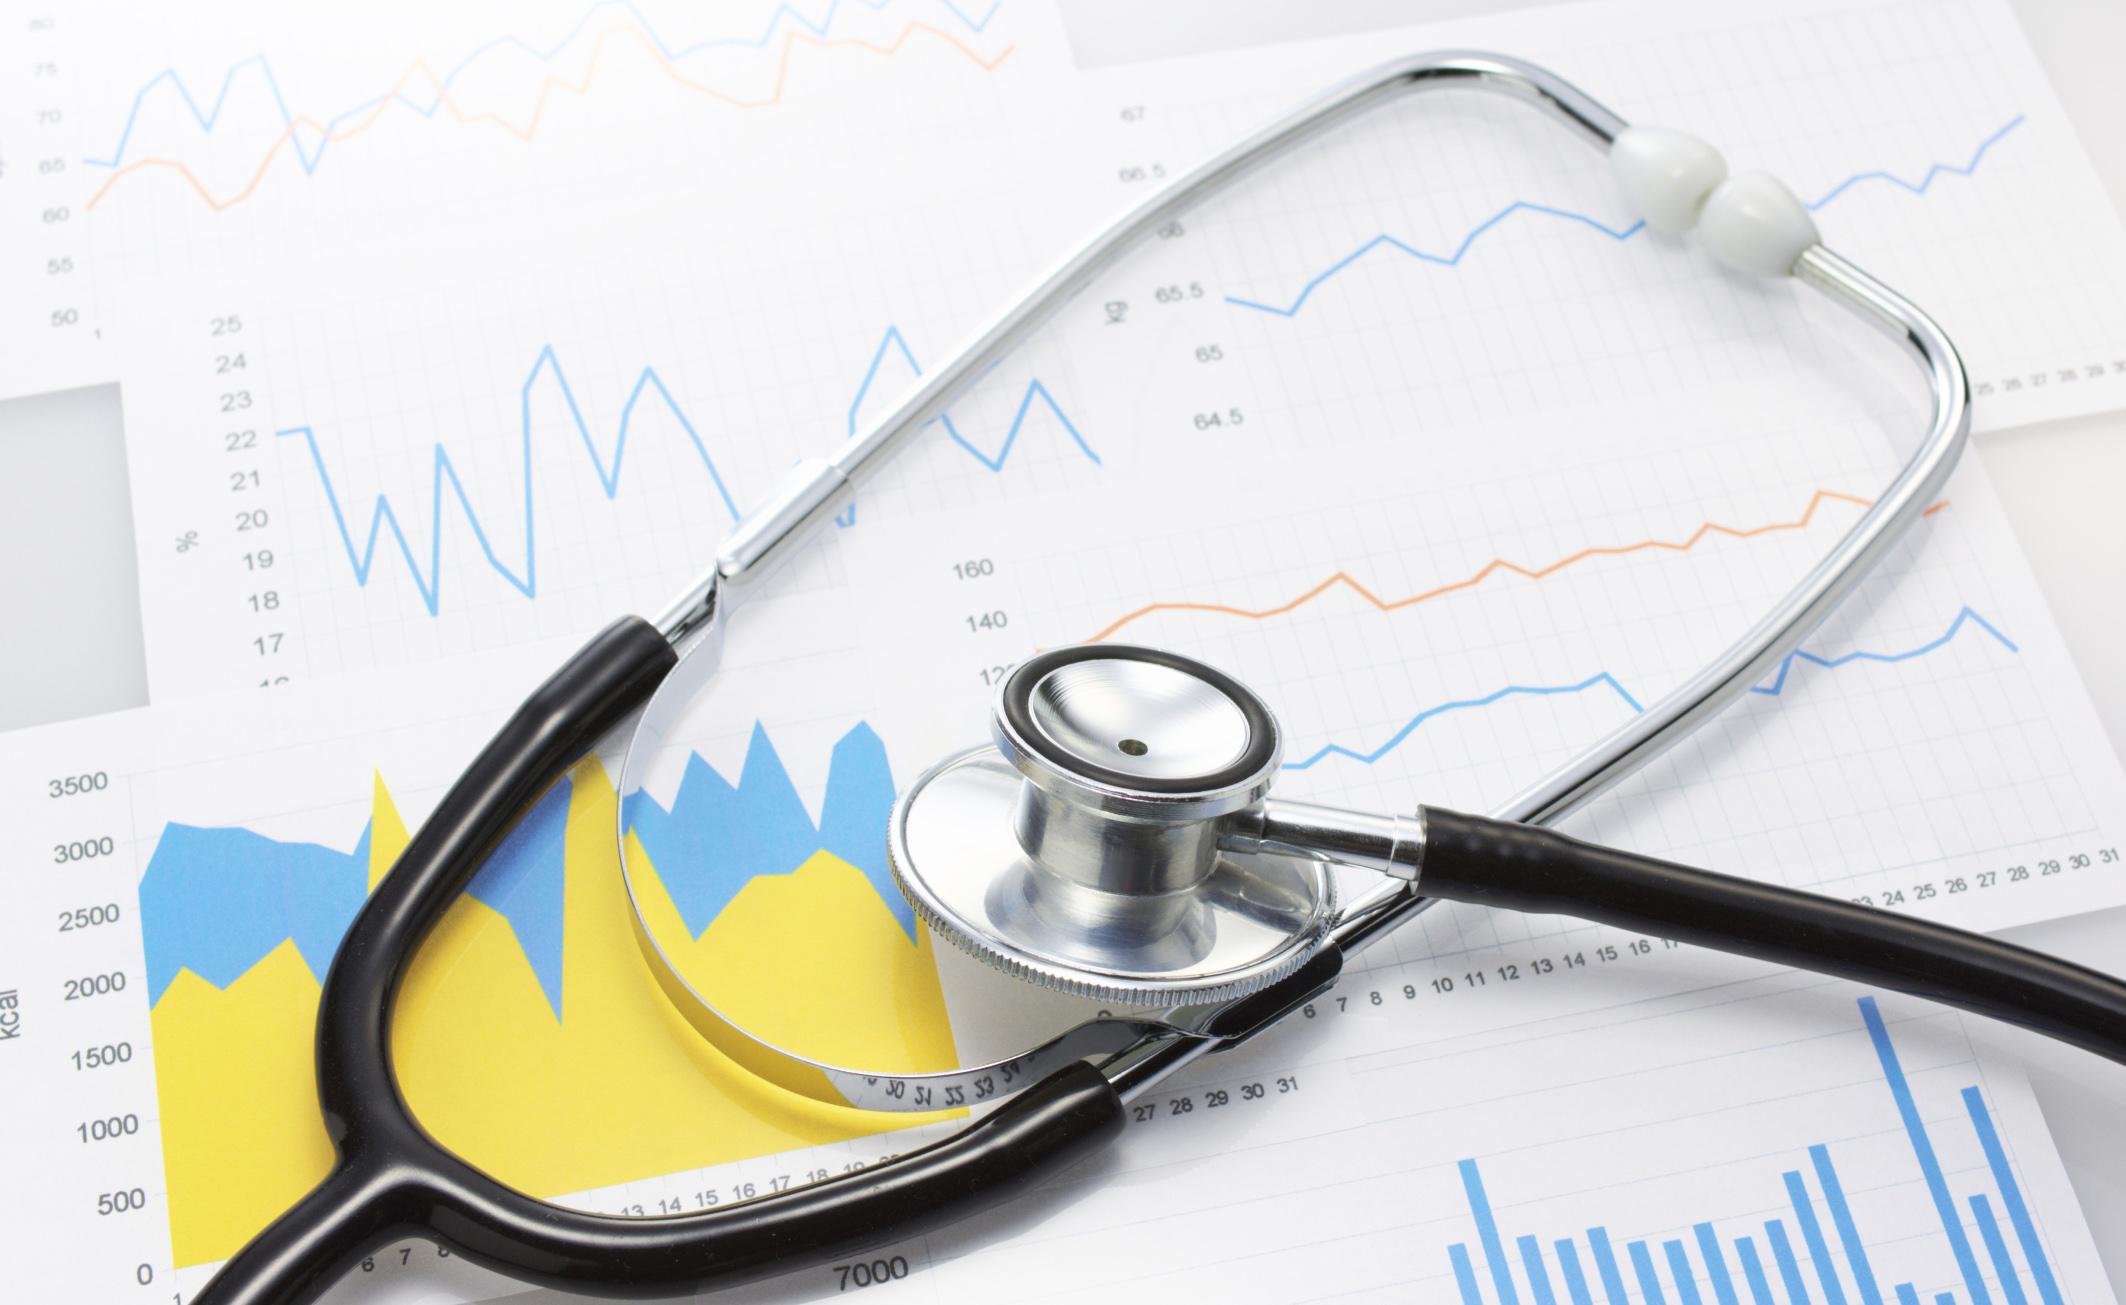 Epatite C: analisi e valutazioni per debellare la malattia